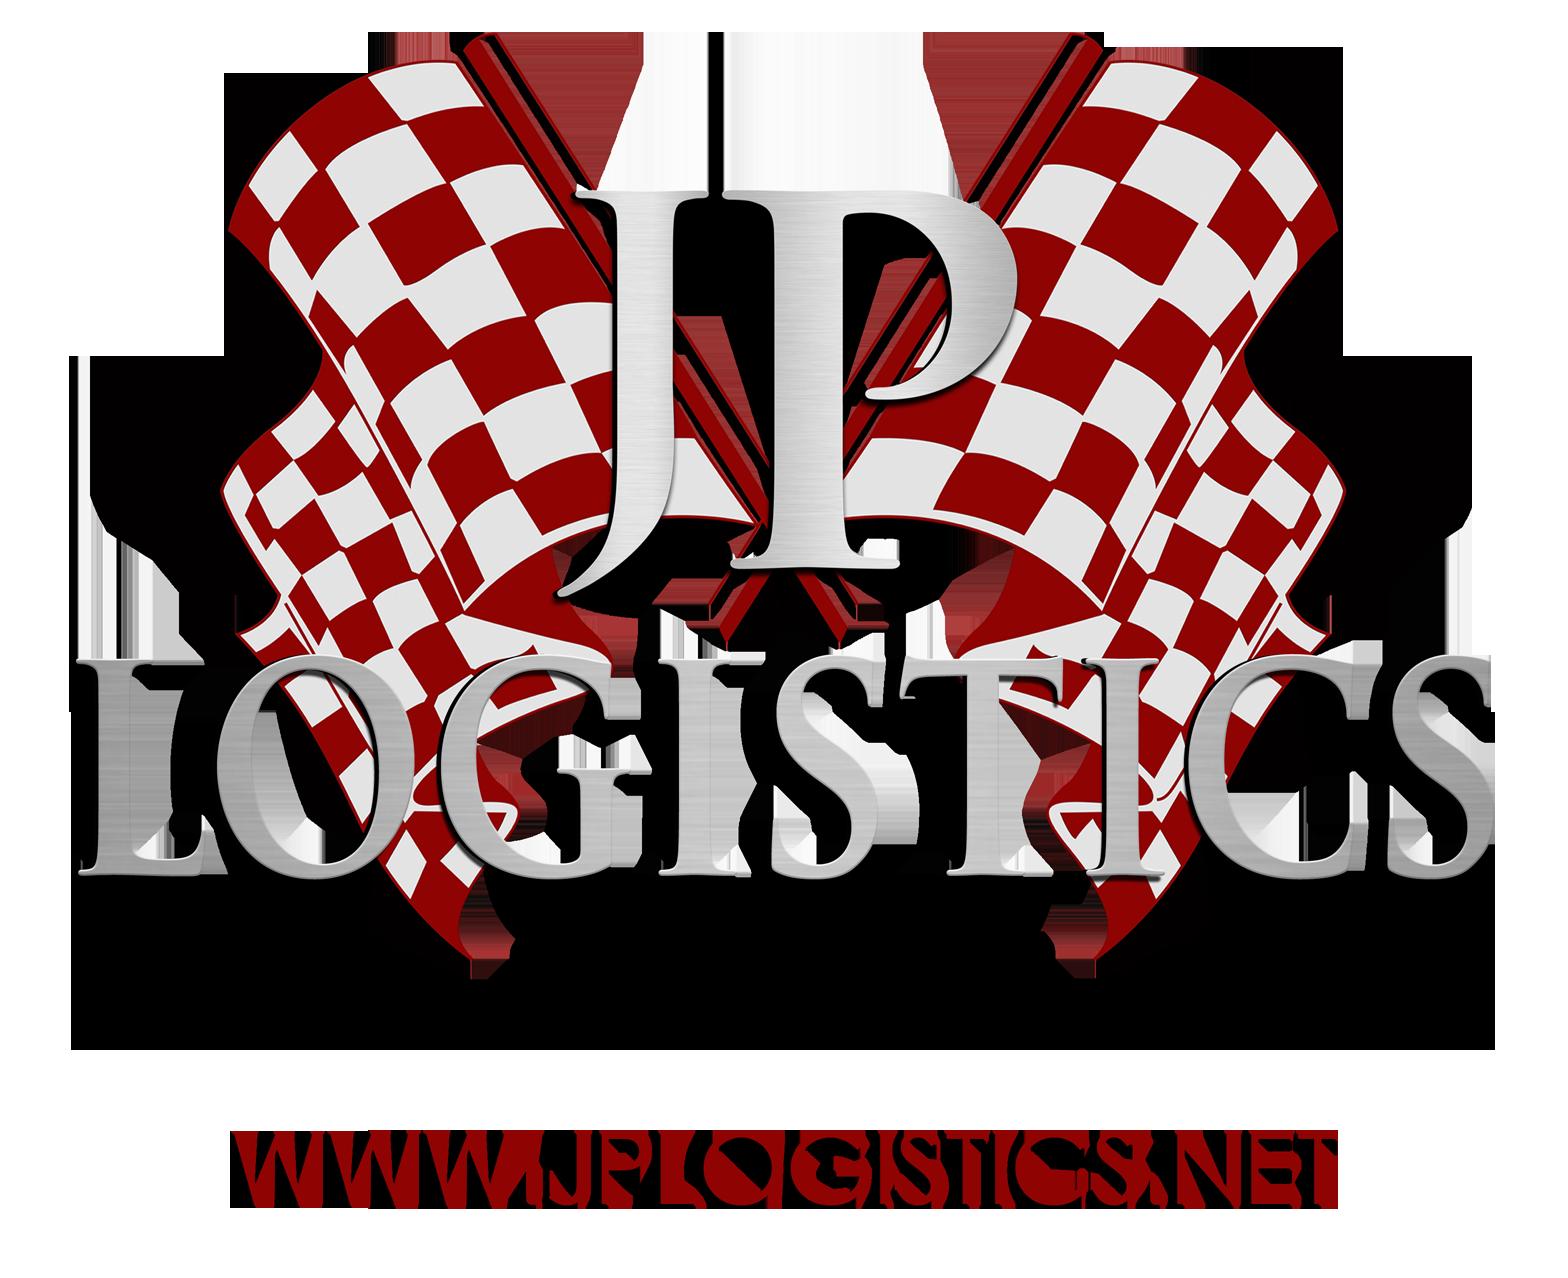 JP Logistics & Motorsports